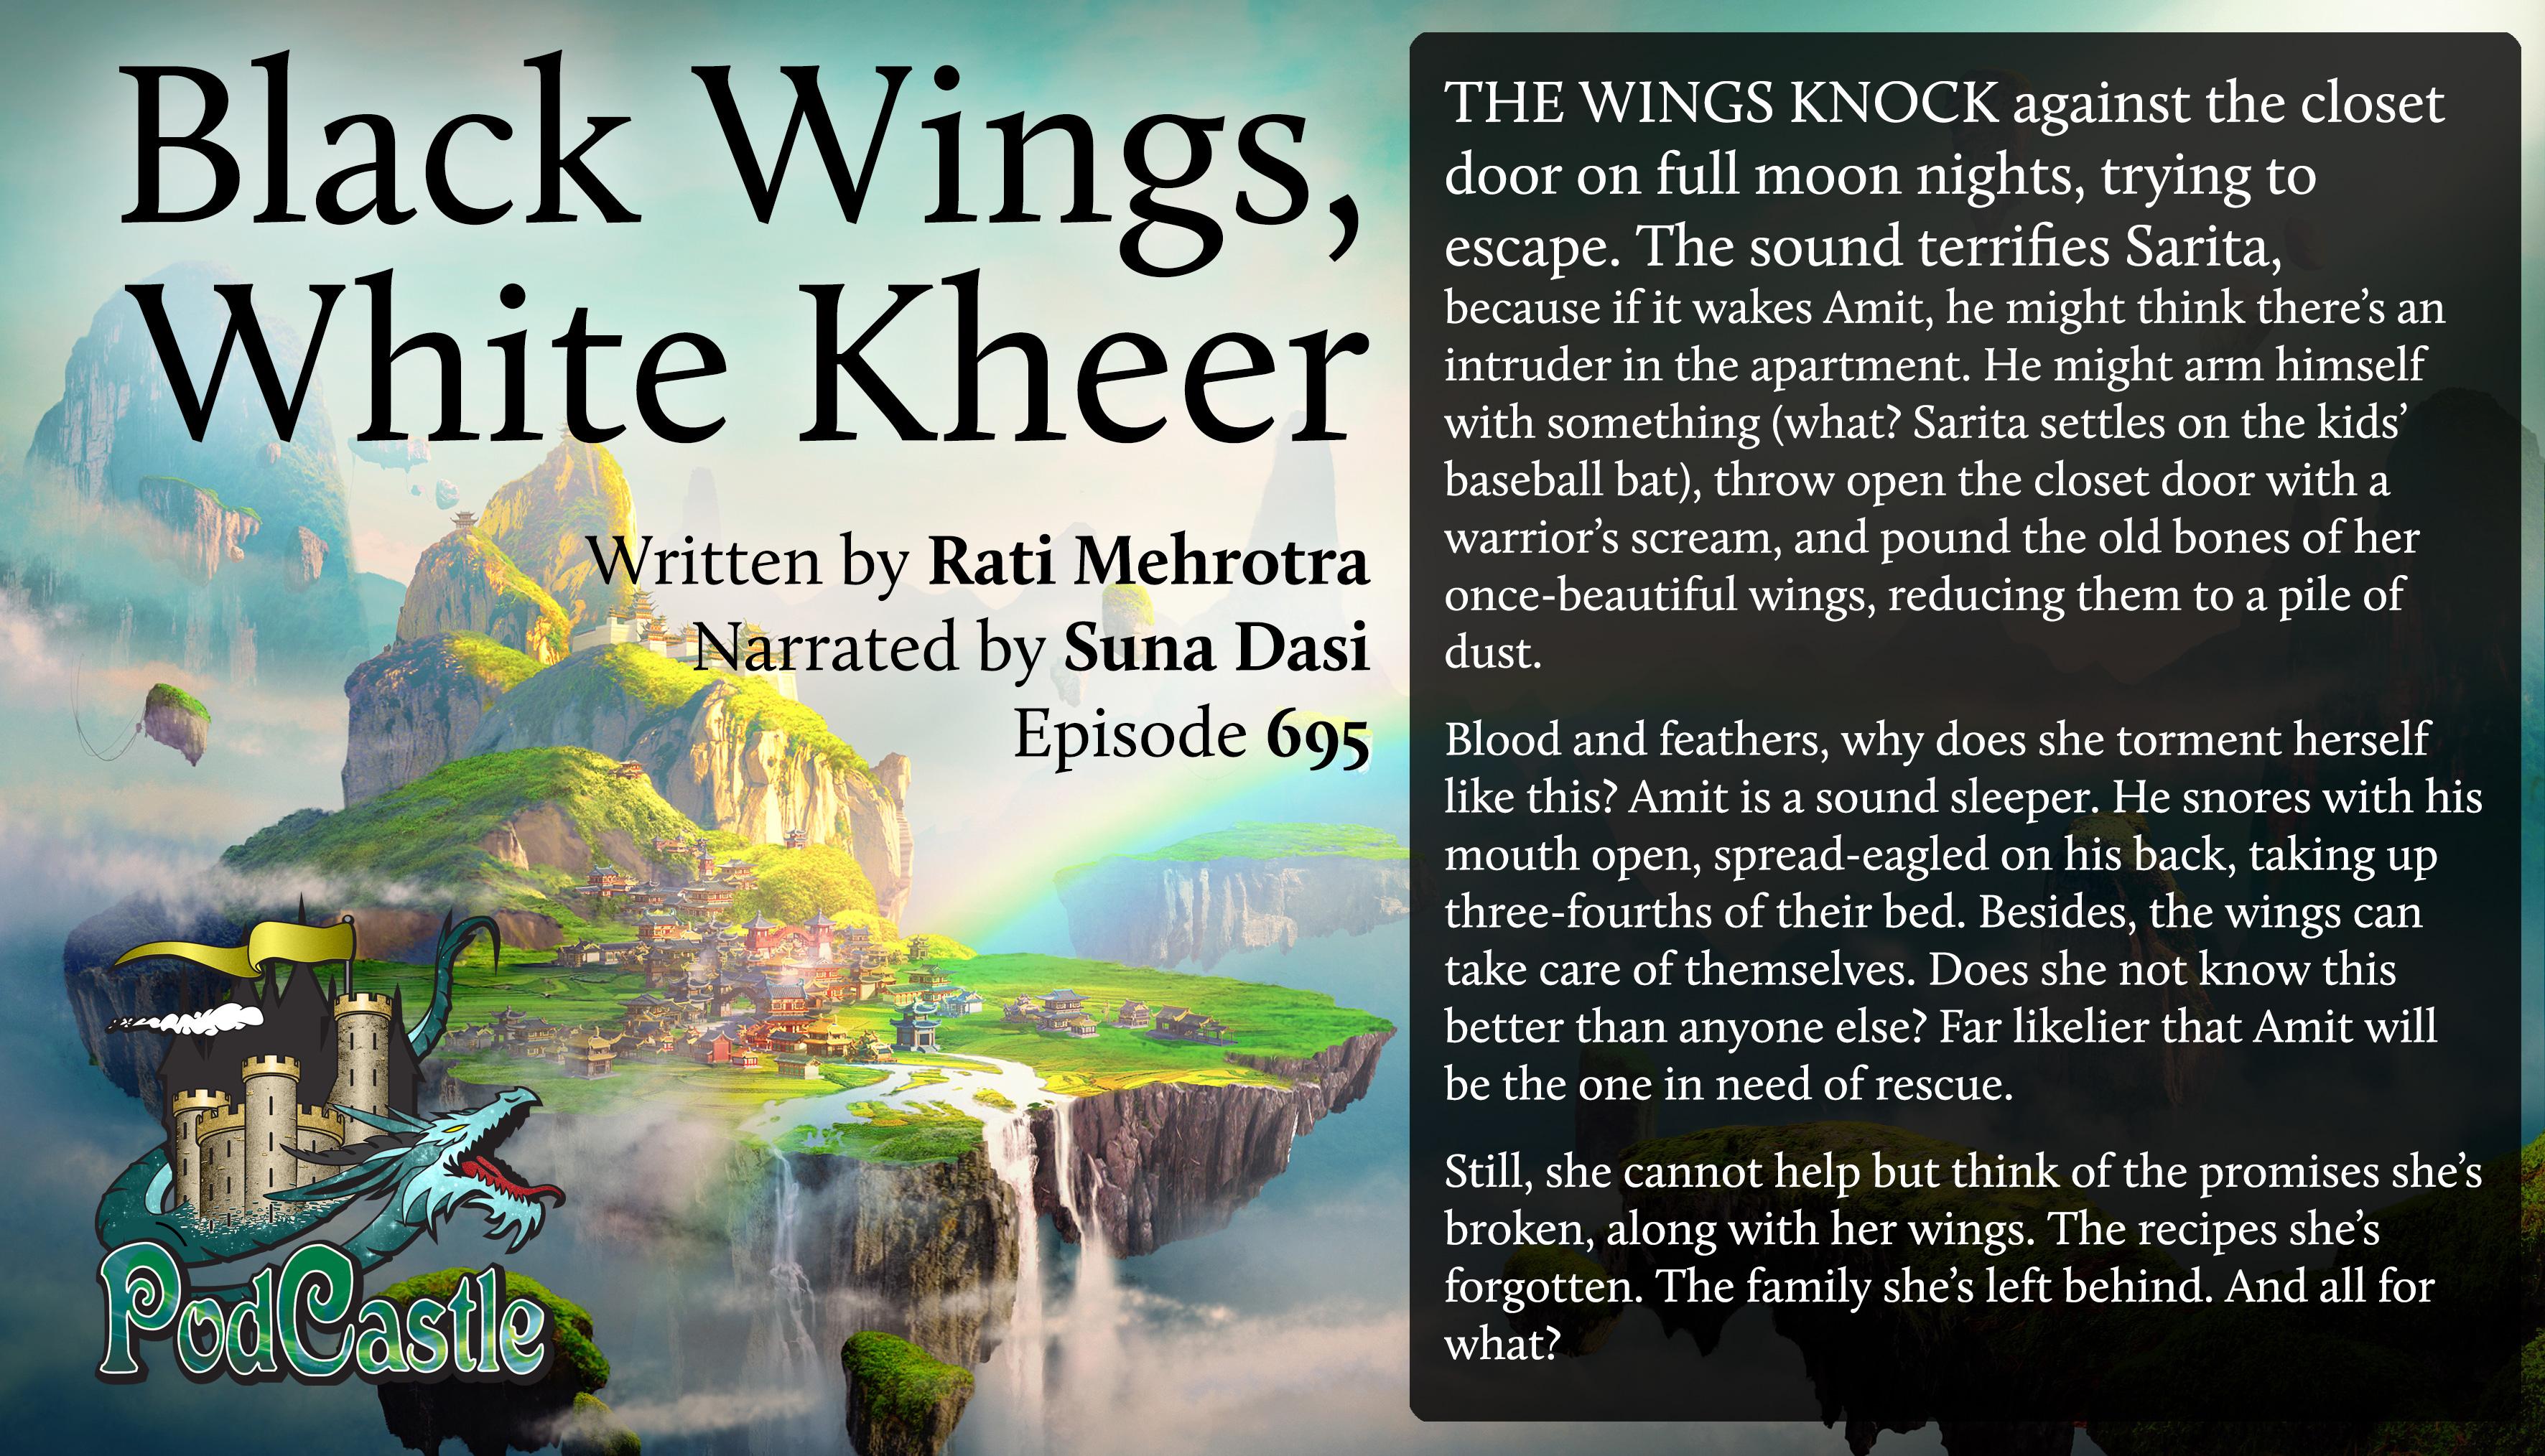 Blackwings-whitekheer